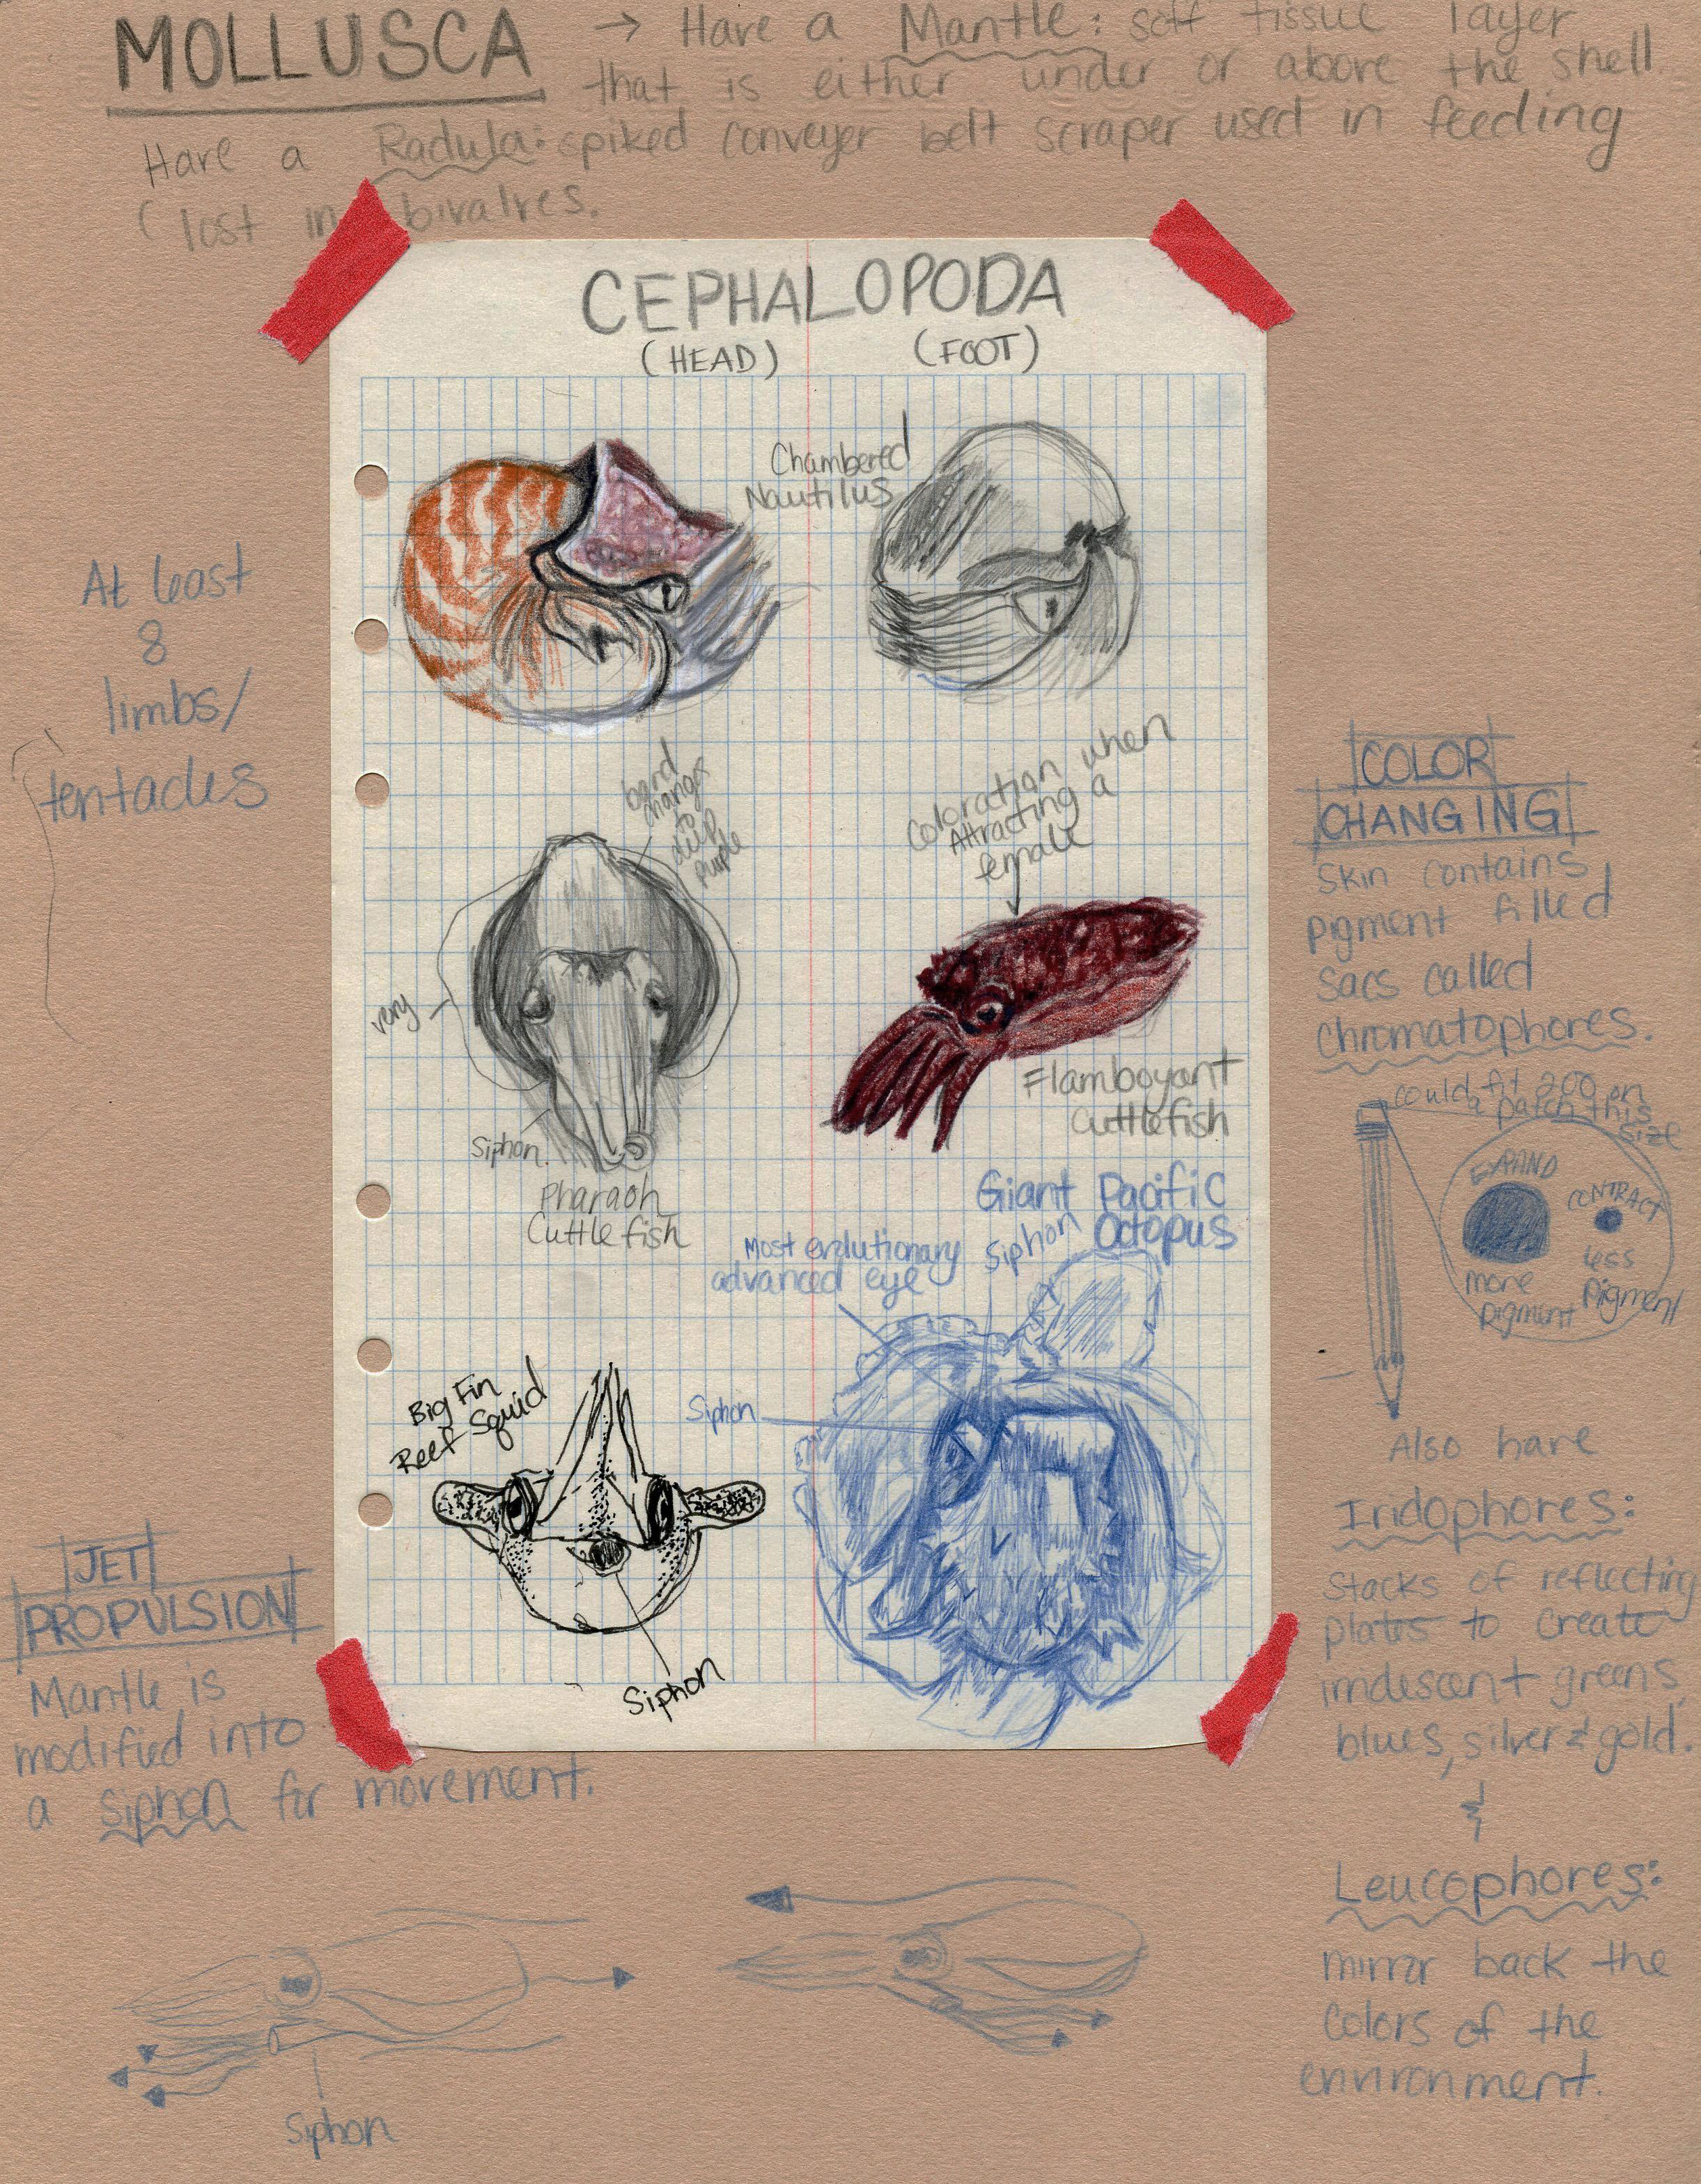 Chart of Molluscs & Characteristics